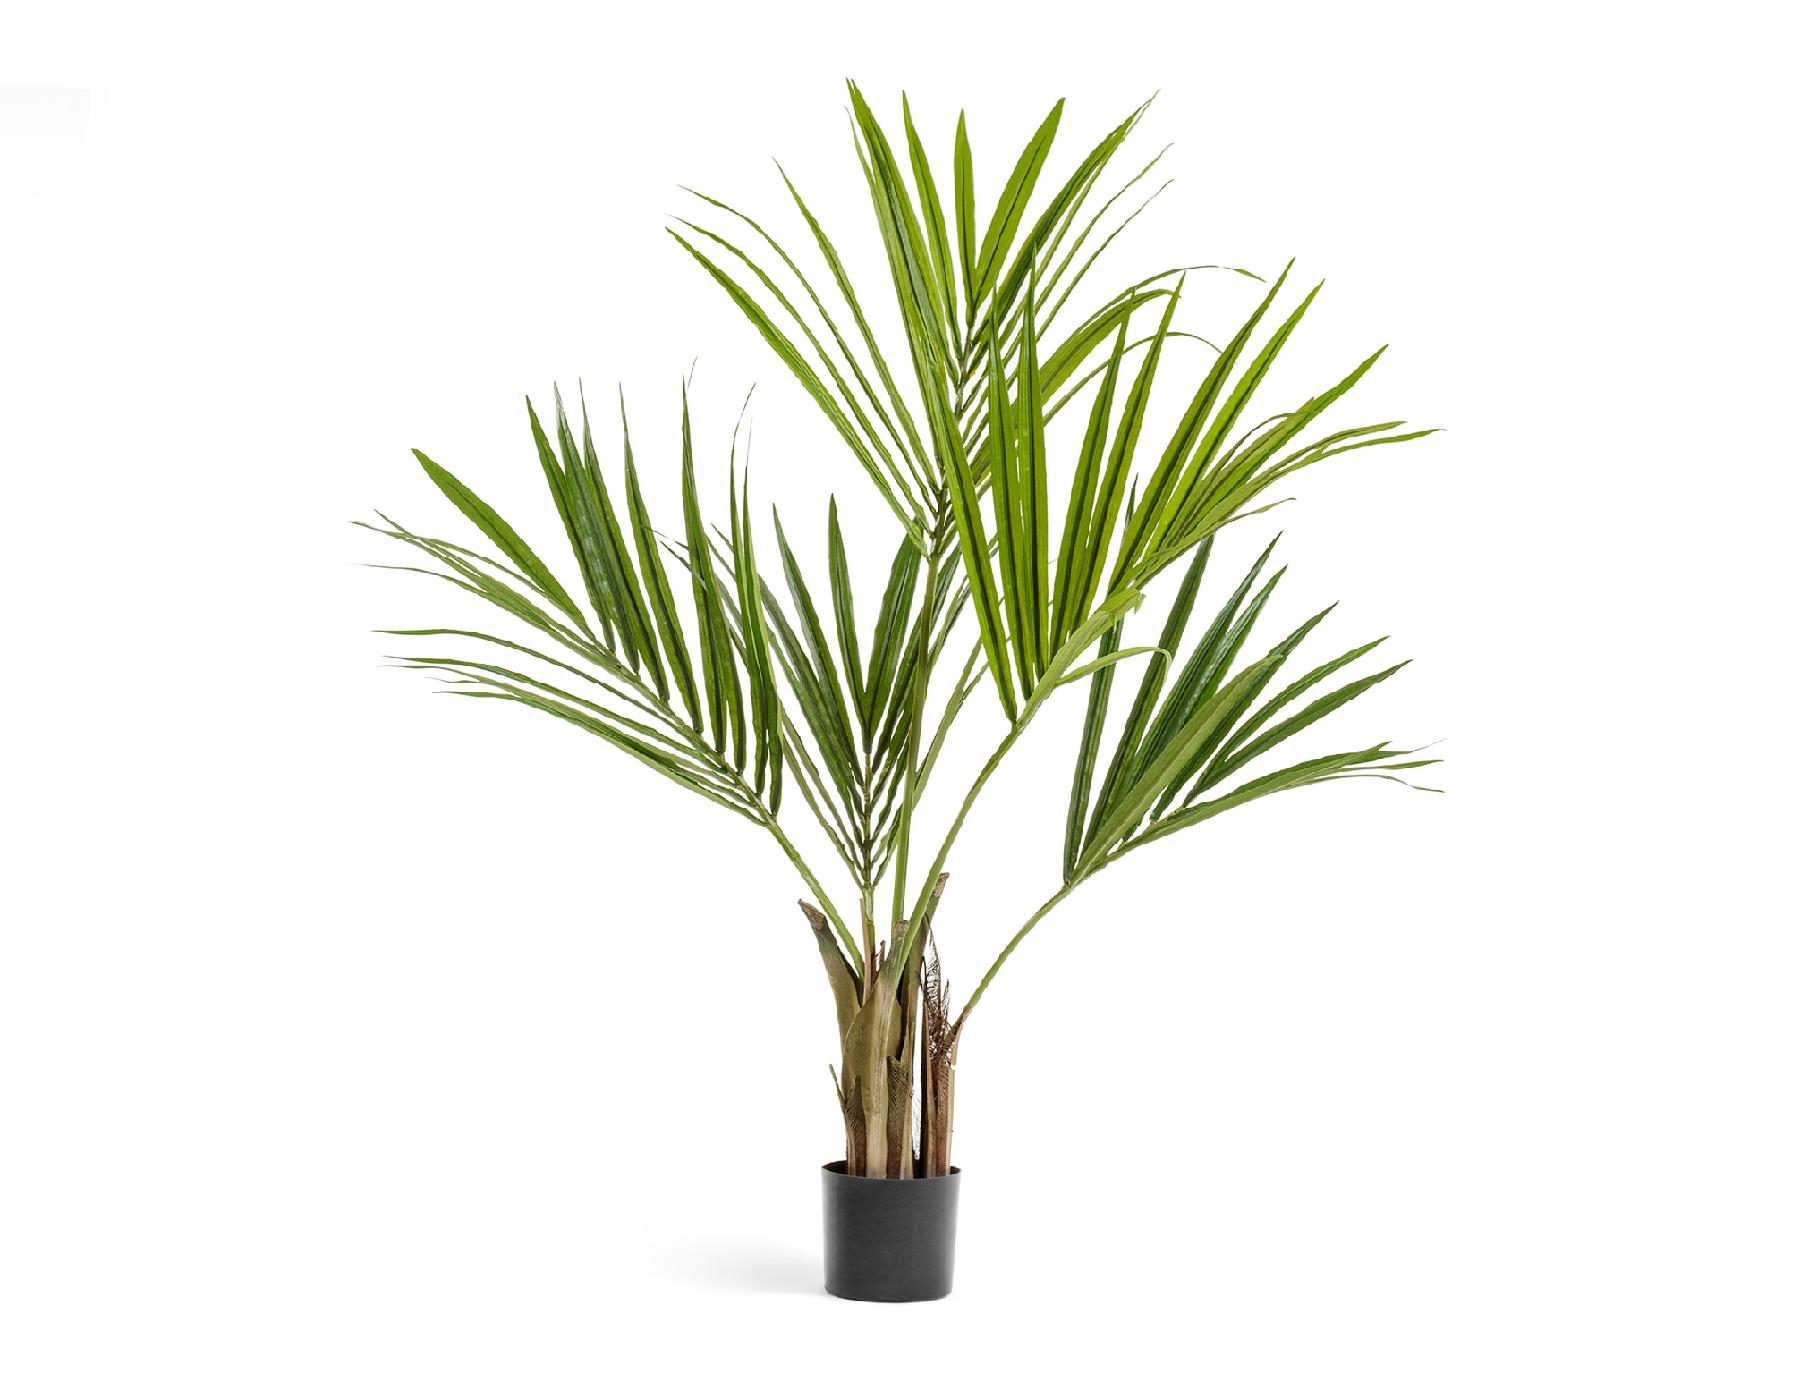 [Растения в доме] Ховея: как правильно ухаживать? - Интерьер